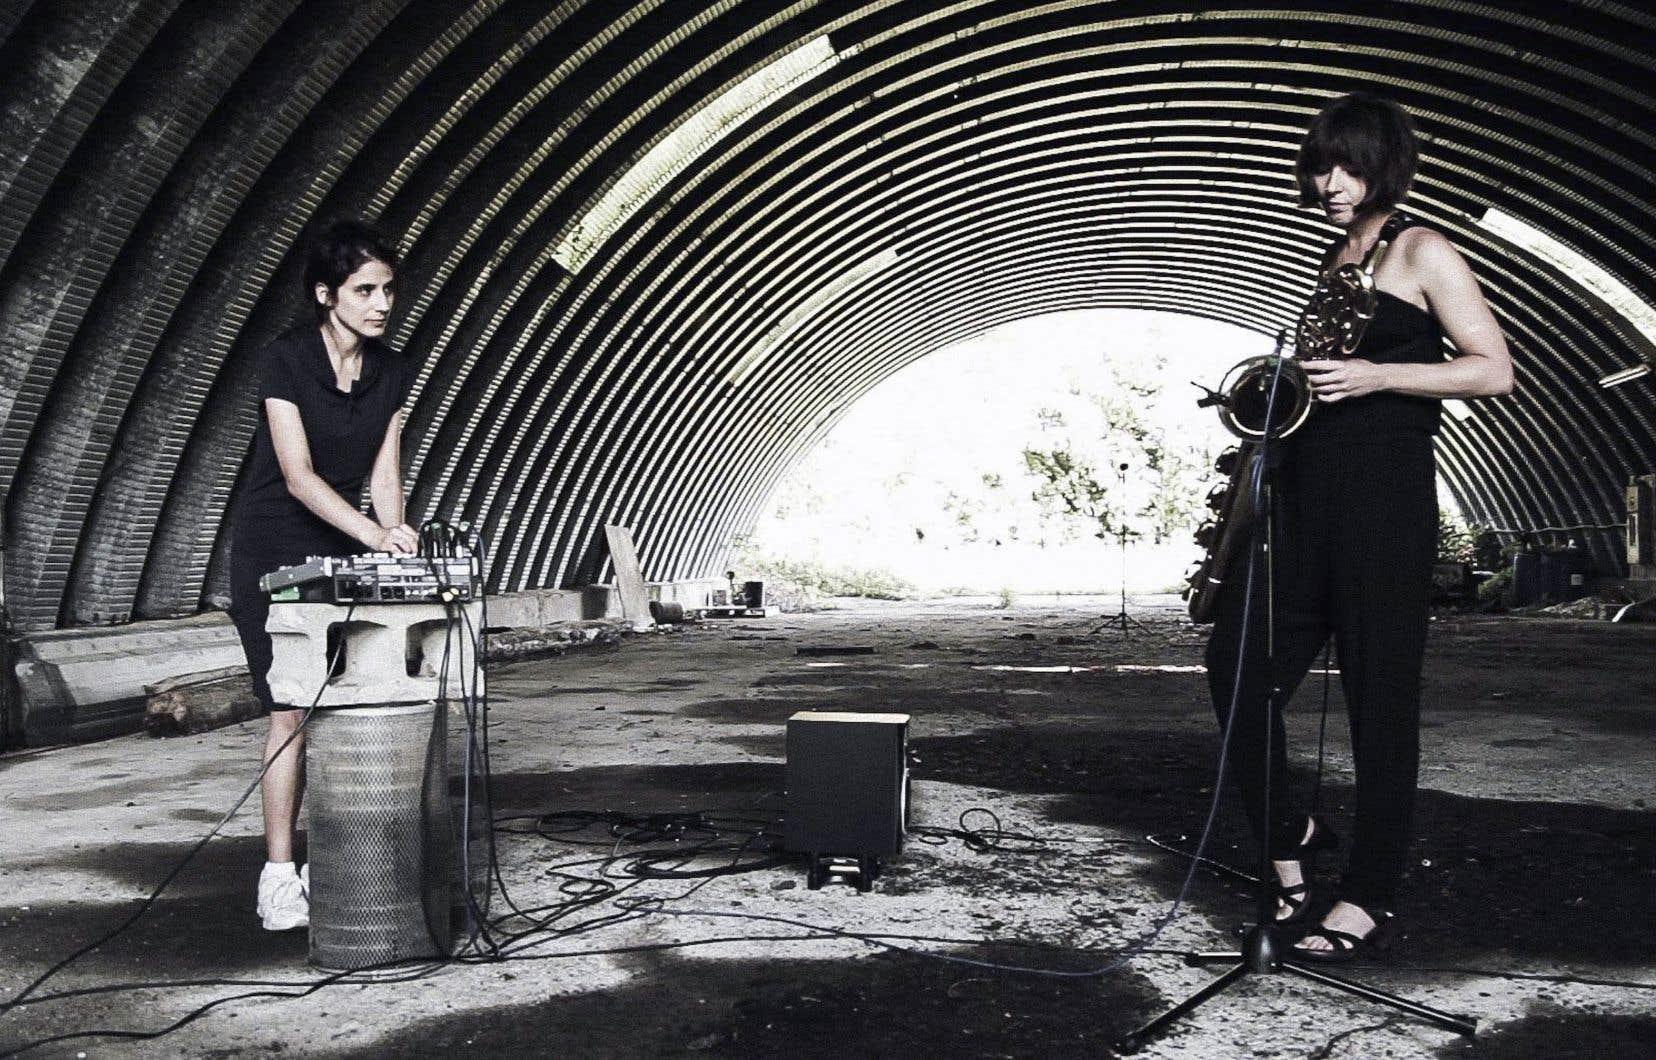 Le duo Jane/Kin, formé de la compositrice et saxophoniste Ida Toninato (à droite) et de l'artiste sonore Ana Dall'Ara-Majek, offrira une performance jeudi, en compagnie d'un artiste vidéo.